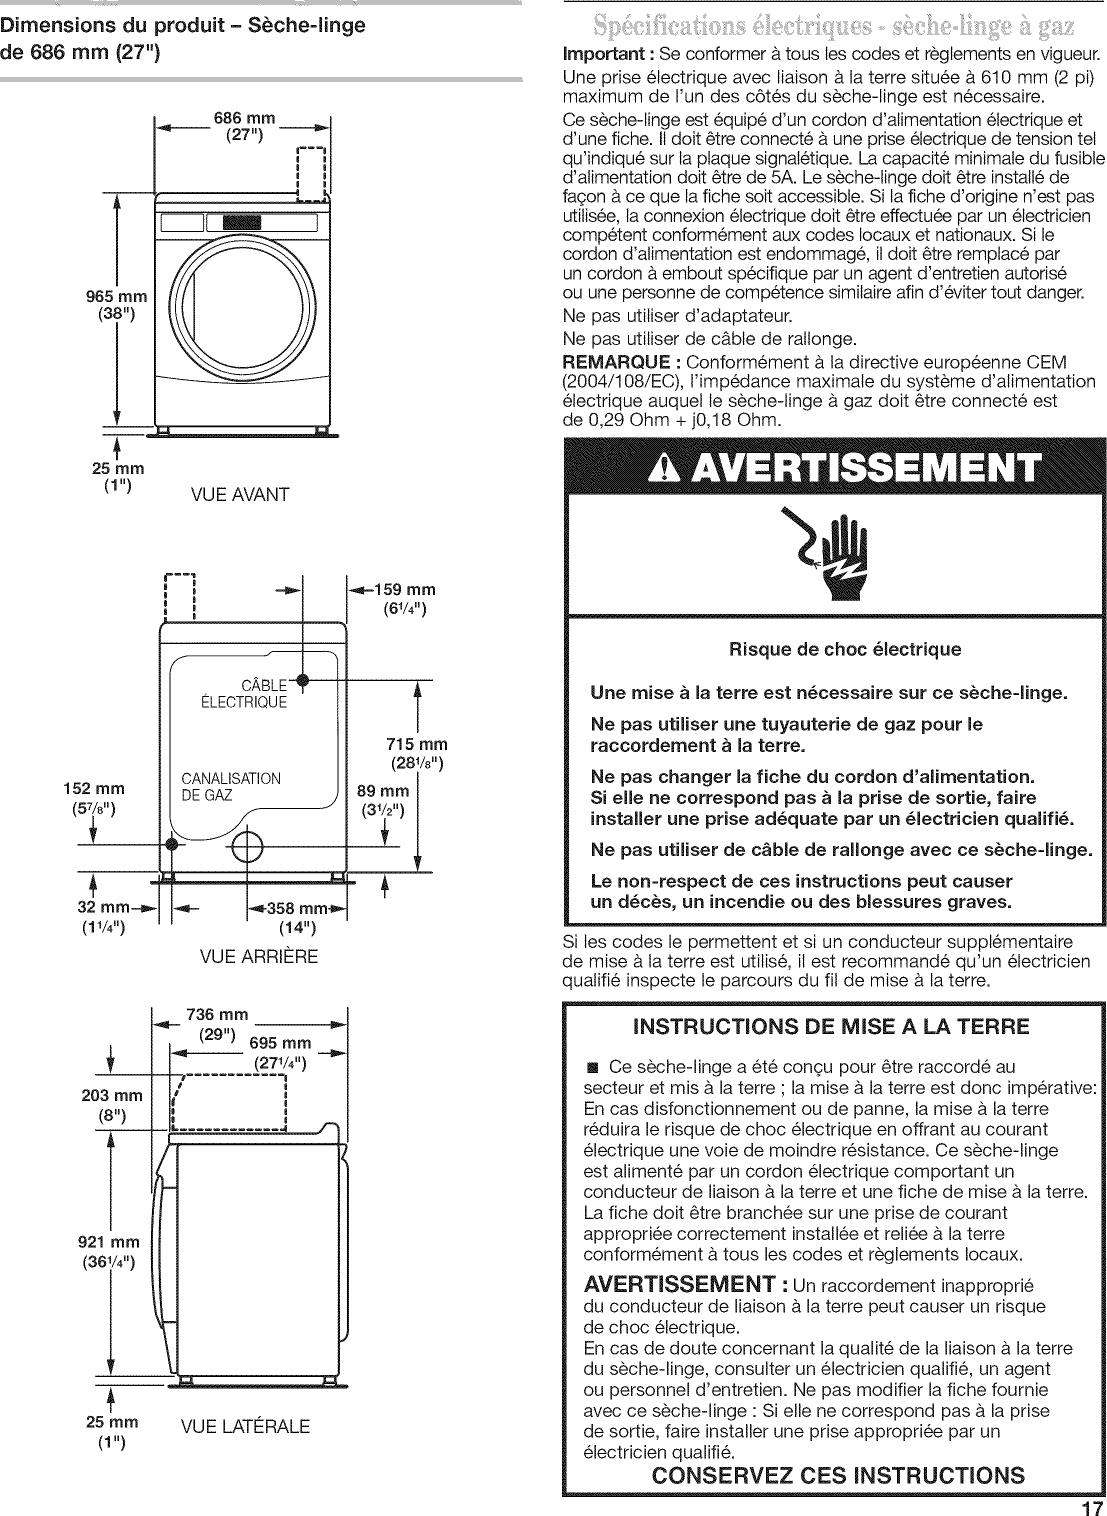 Atemberaubend Elektrischer Schaltplan Für Whirlpools Galerie ...